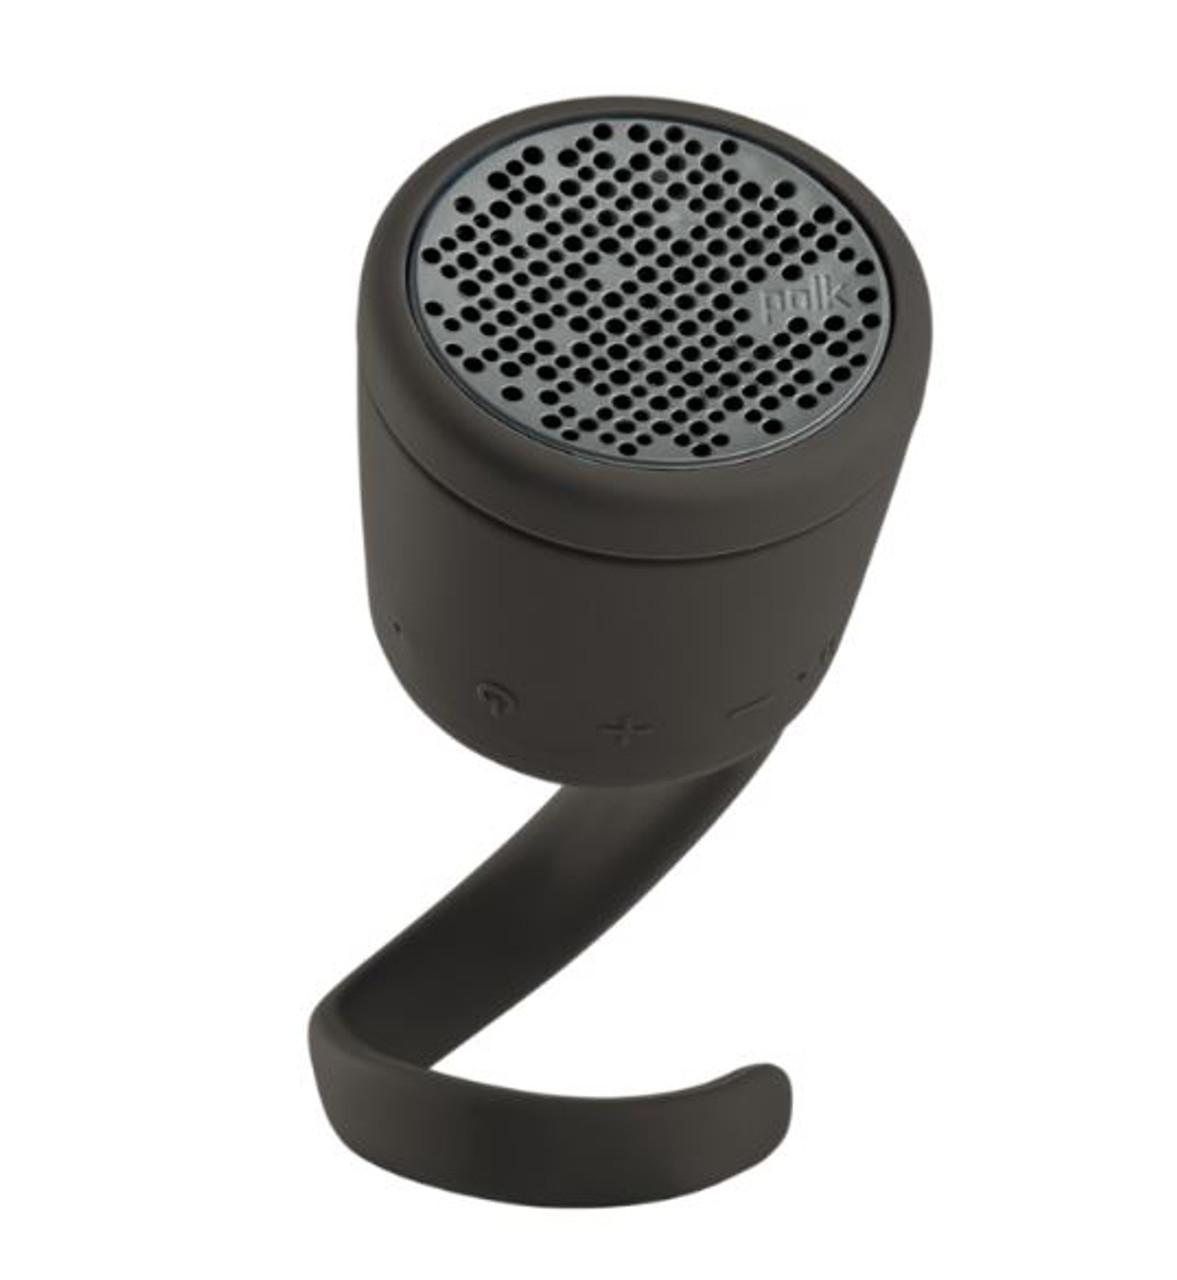 Polk Audio Boom Swimmer DUO Bluetooth & Waterproof Speaker - Black - Refurbished - (BSMNBK-A)